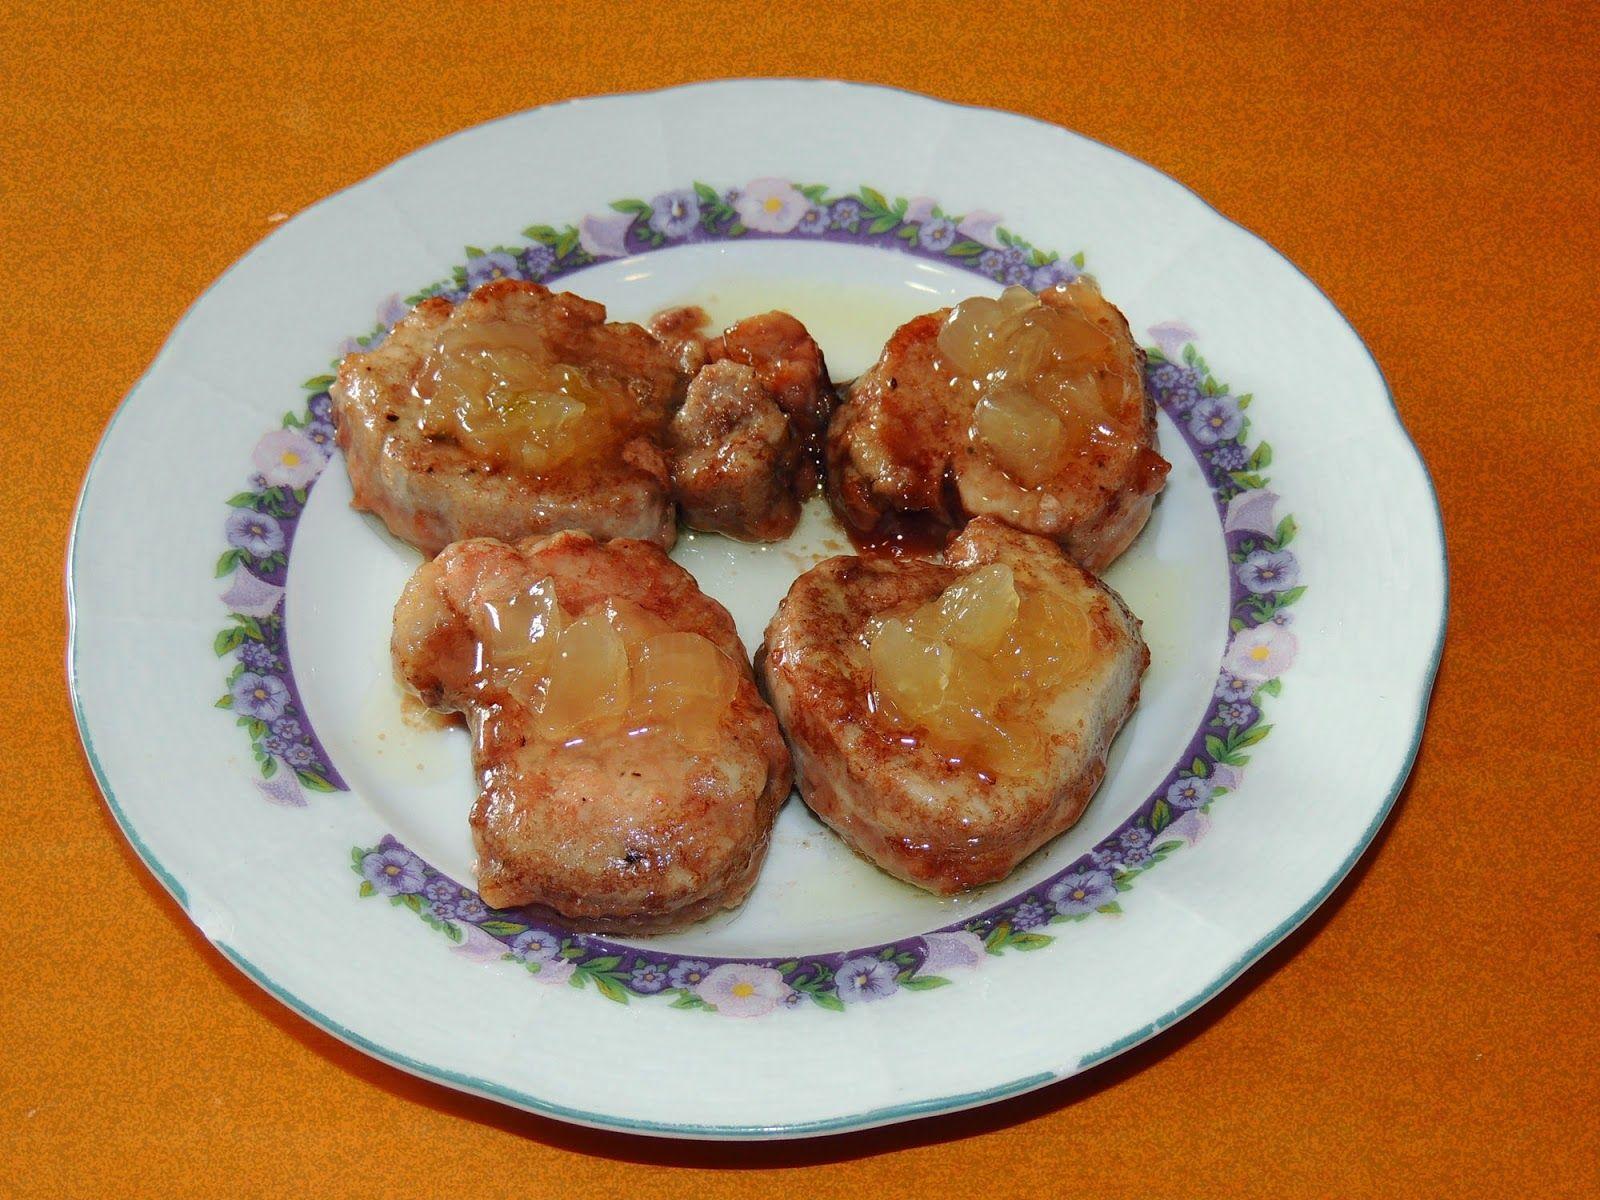 Nice Cocinando En Altorreal: SOLOMILLO AL OPORTO CON CEBOLLA CARAMELIZADA |  Recetas Cocina | Pinterest | Cebollas Caramelizadas, Cebolla Y Recetas